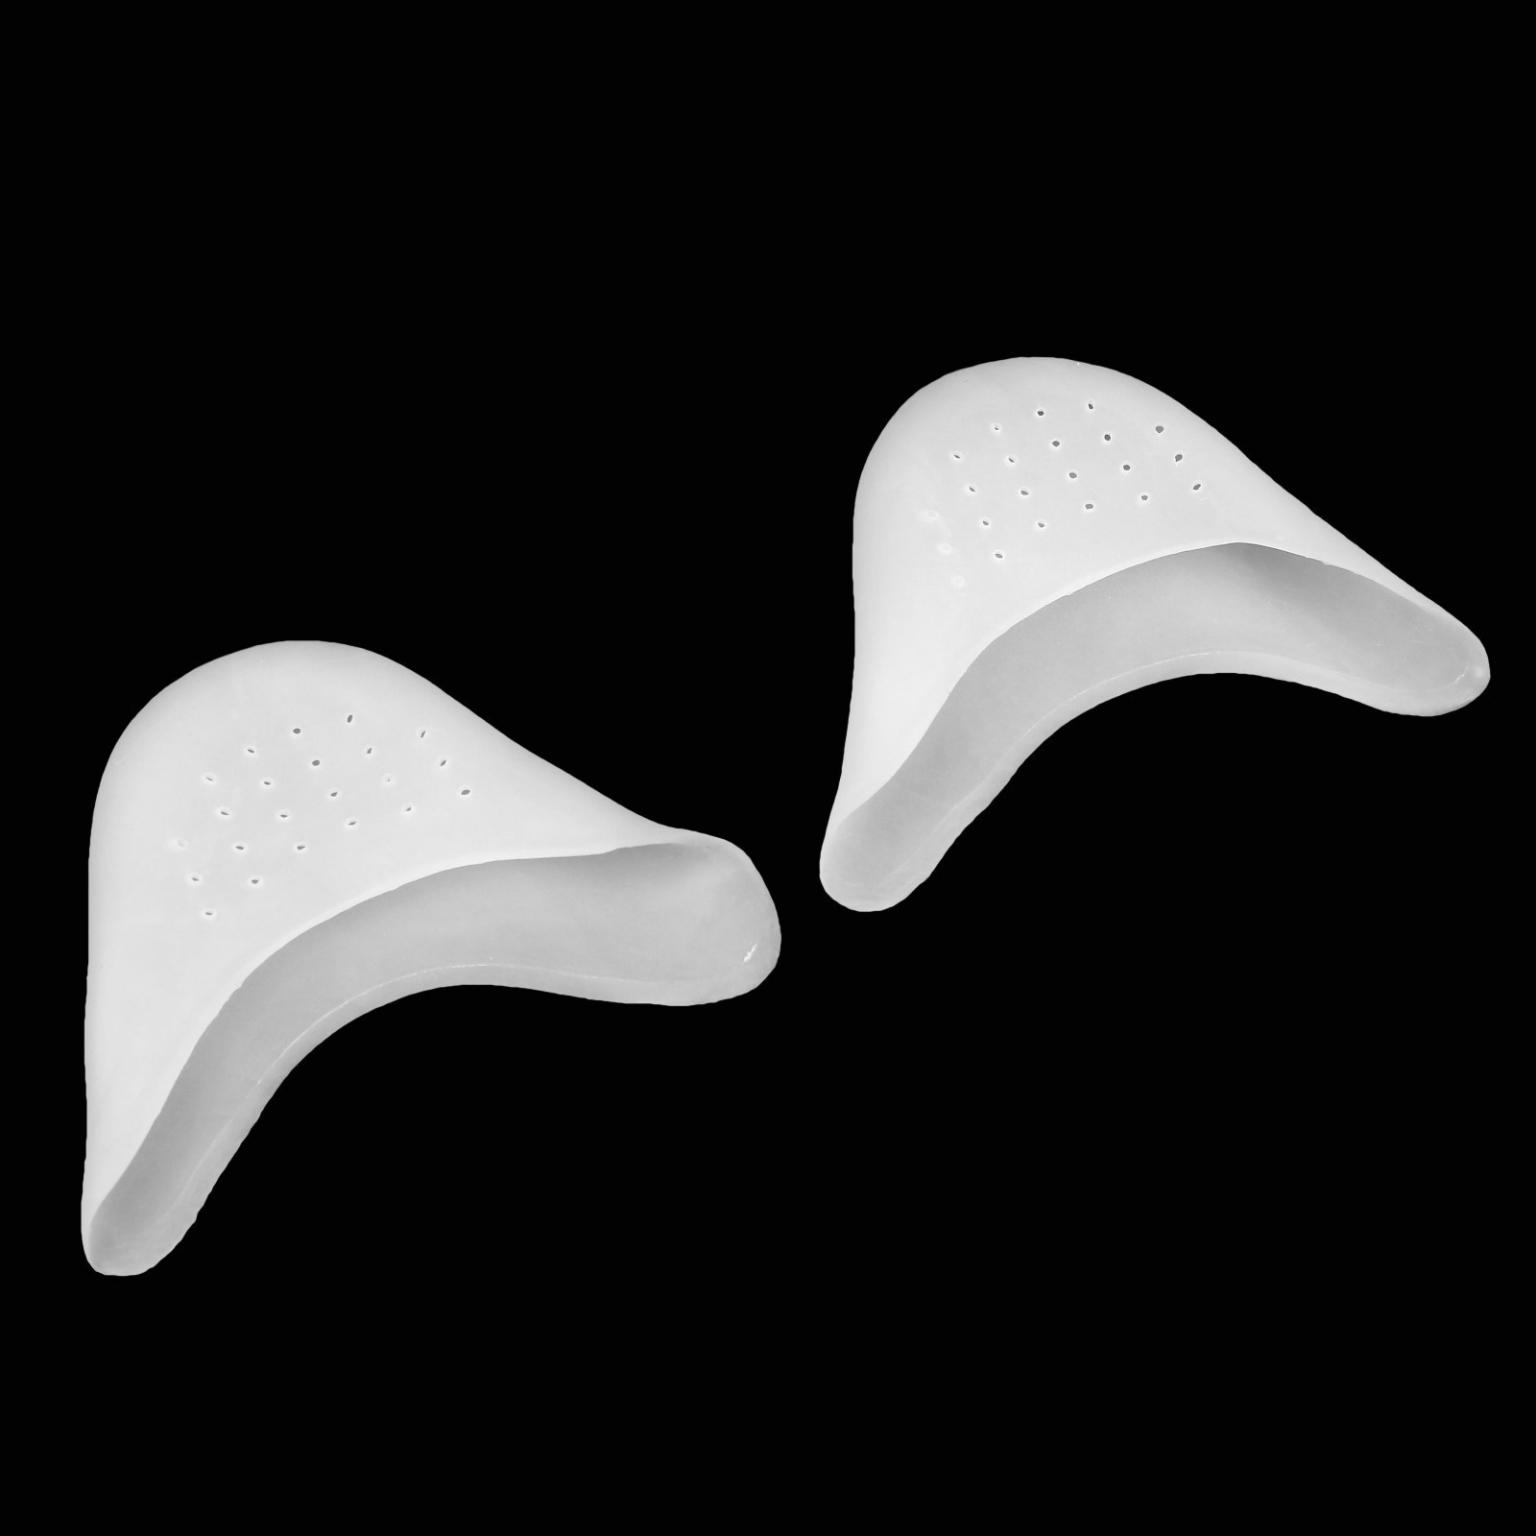 Подследники на пальцы, дышащие, силиконовые, 9*9 см, пара, цвет белый